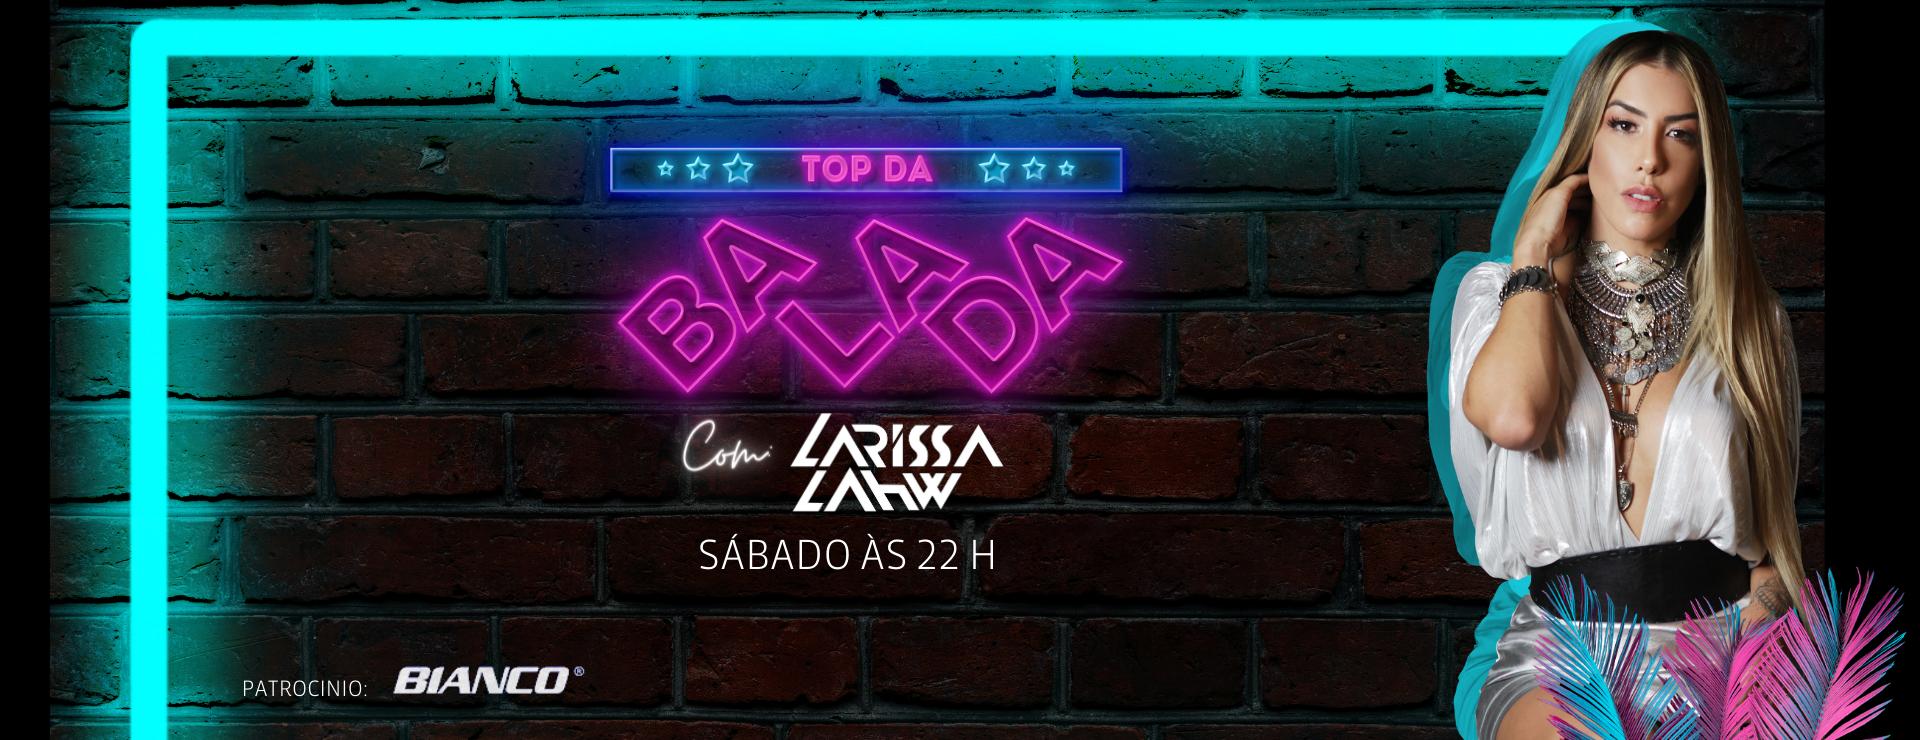 TOP DA BALADA